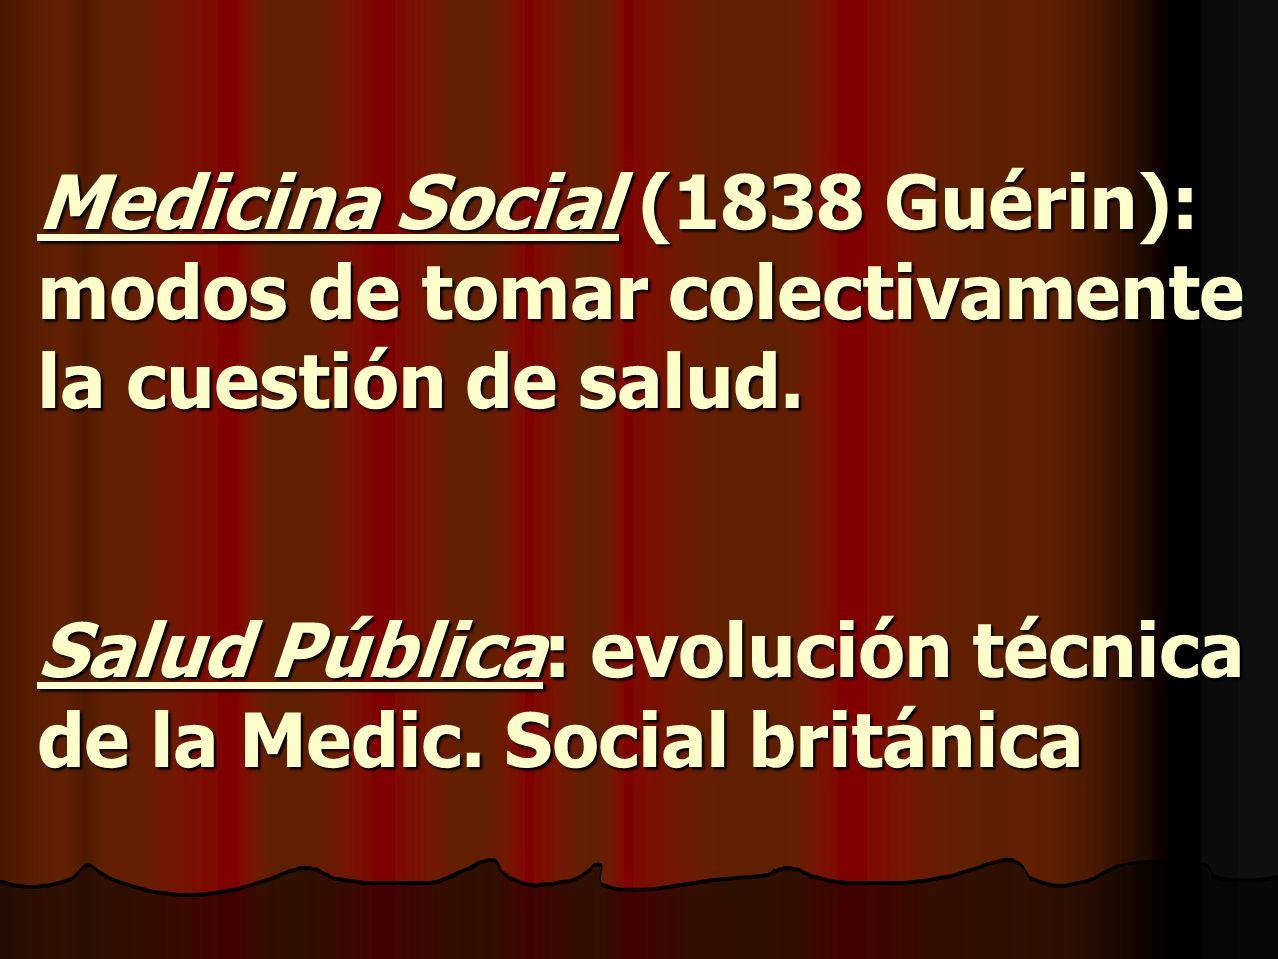 Medicina Social (1838 Guérin): modos de tomar colectivamente la cuestión de salud. Salud Pública: evolución técnica de la Medic. Social británica